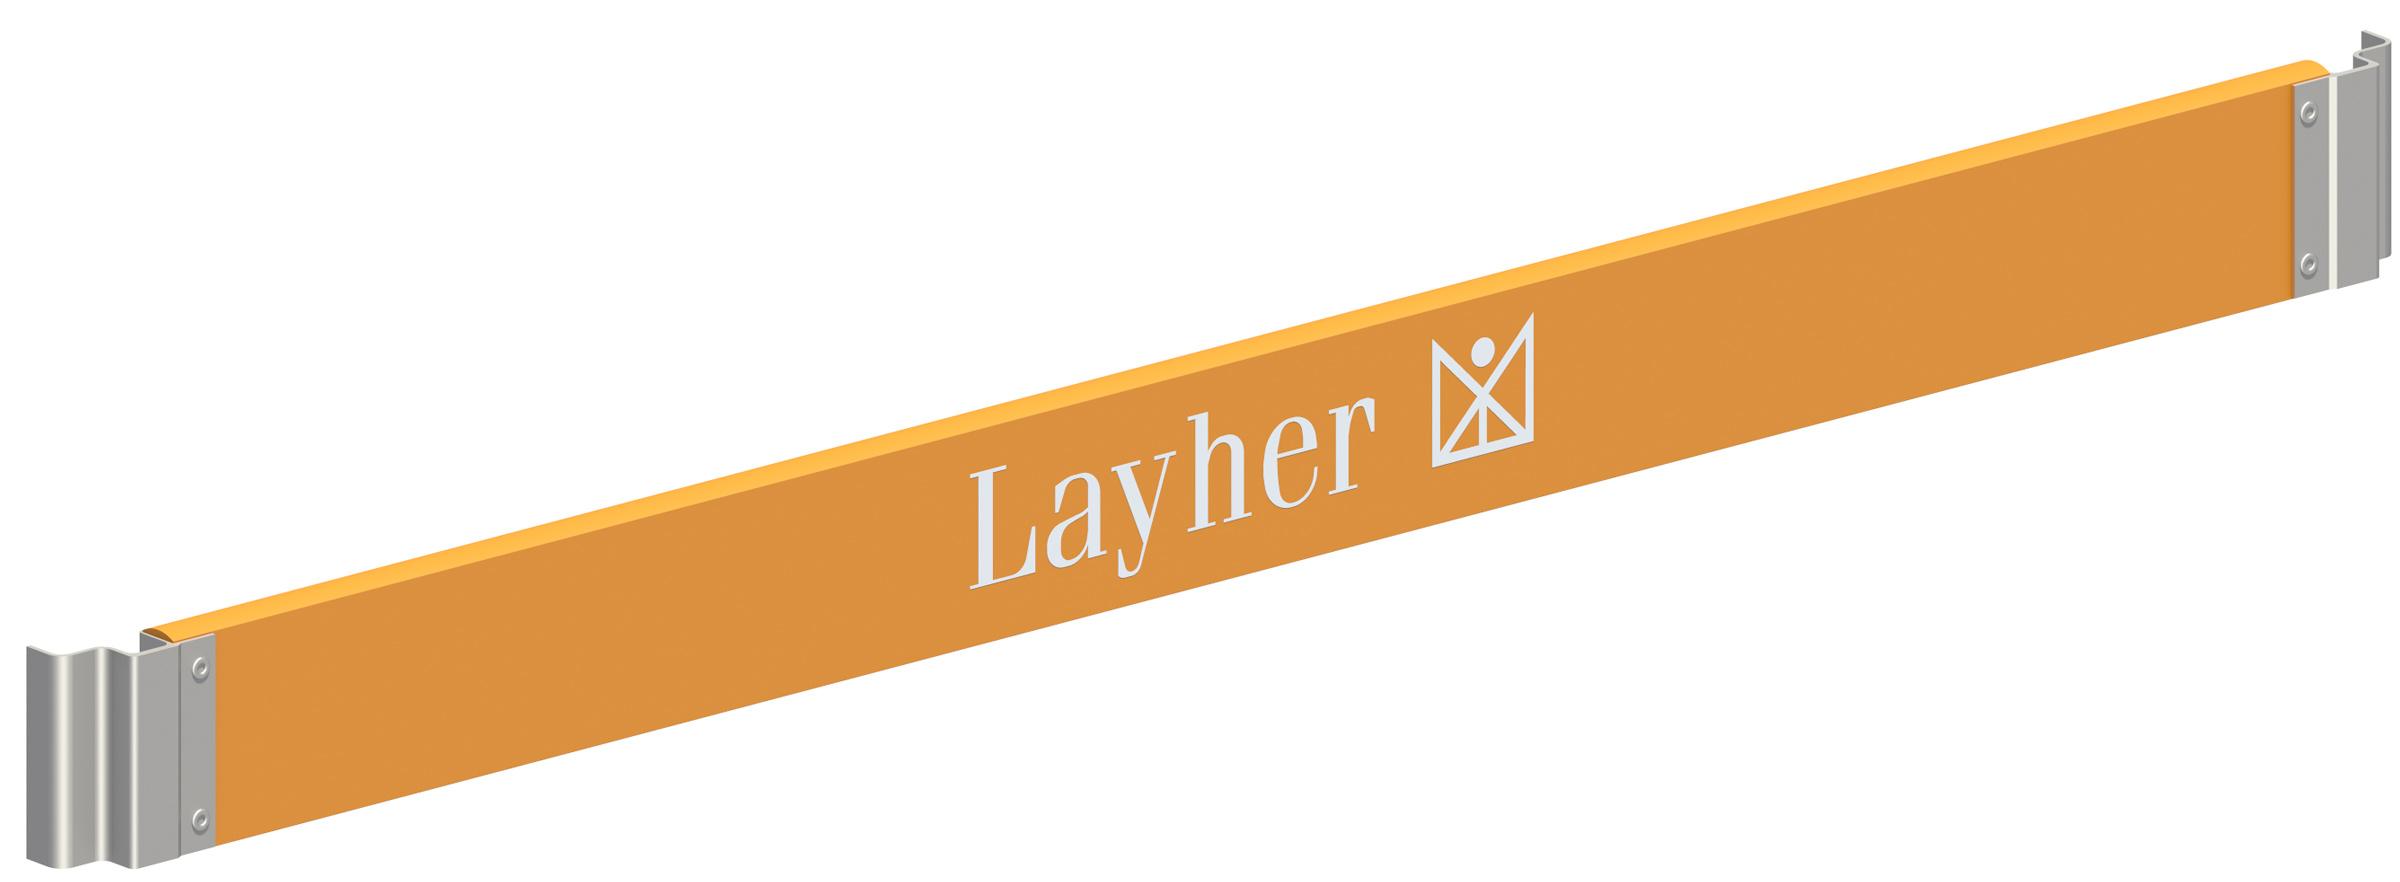 Layher Staro Rollbock Holz-Bordbrett mit Klaue 1,95 m